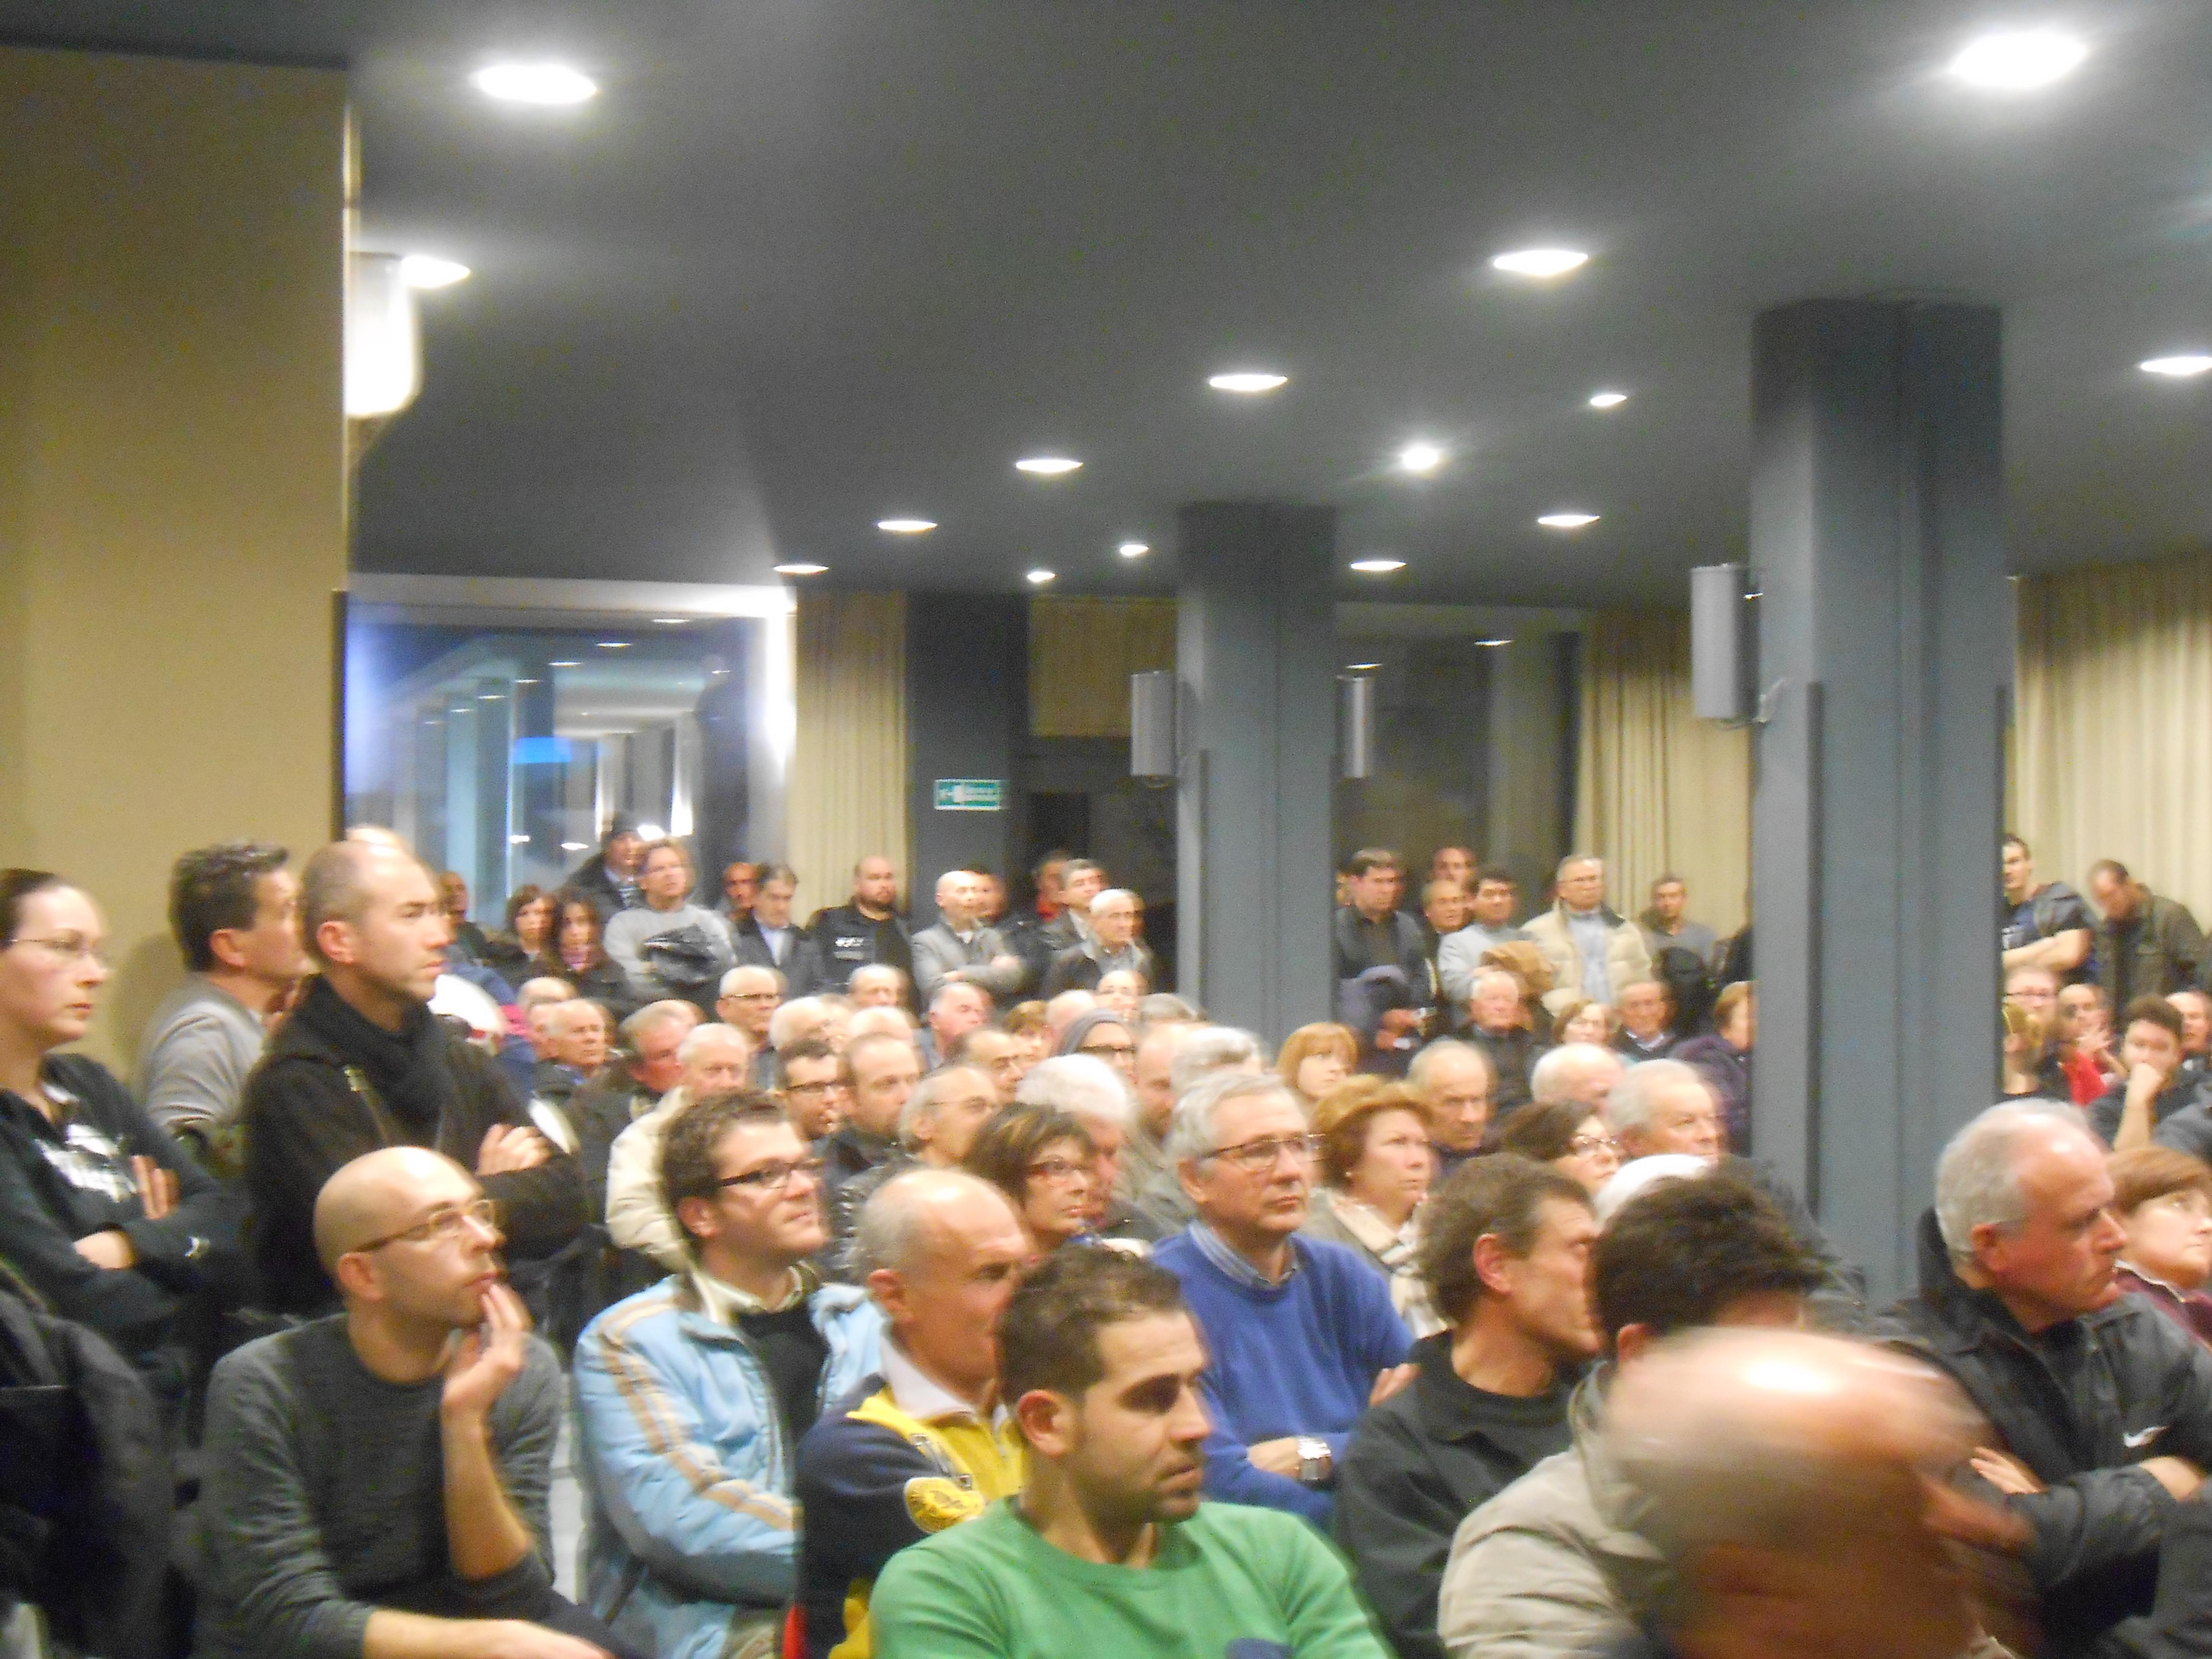 L'assemblea per costituire il comitato no-centrale